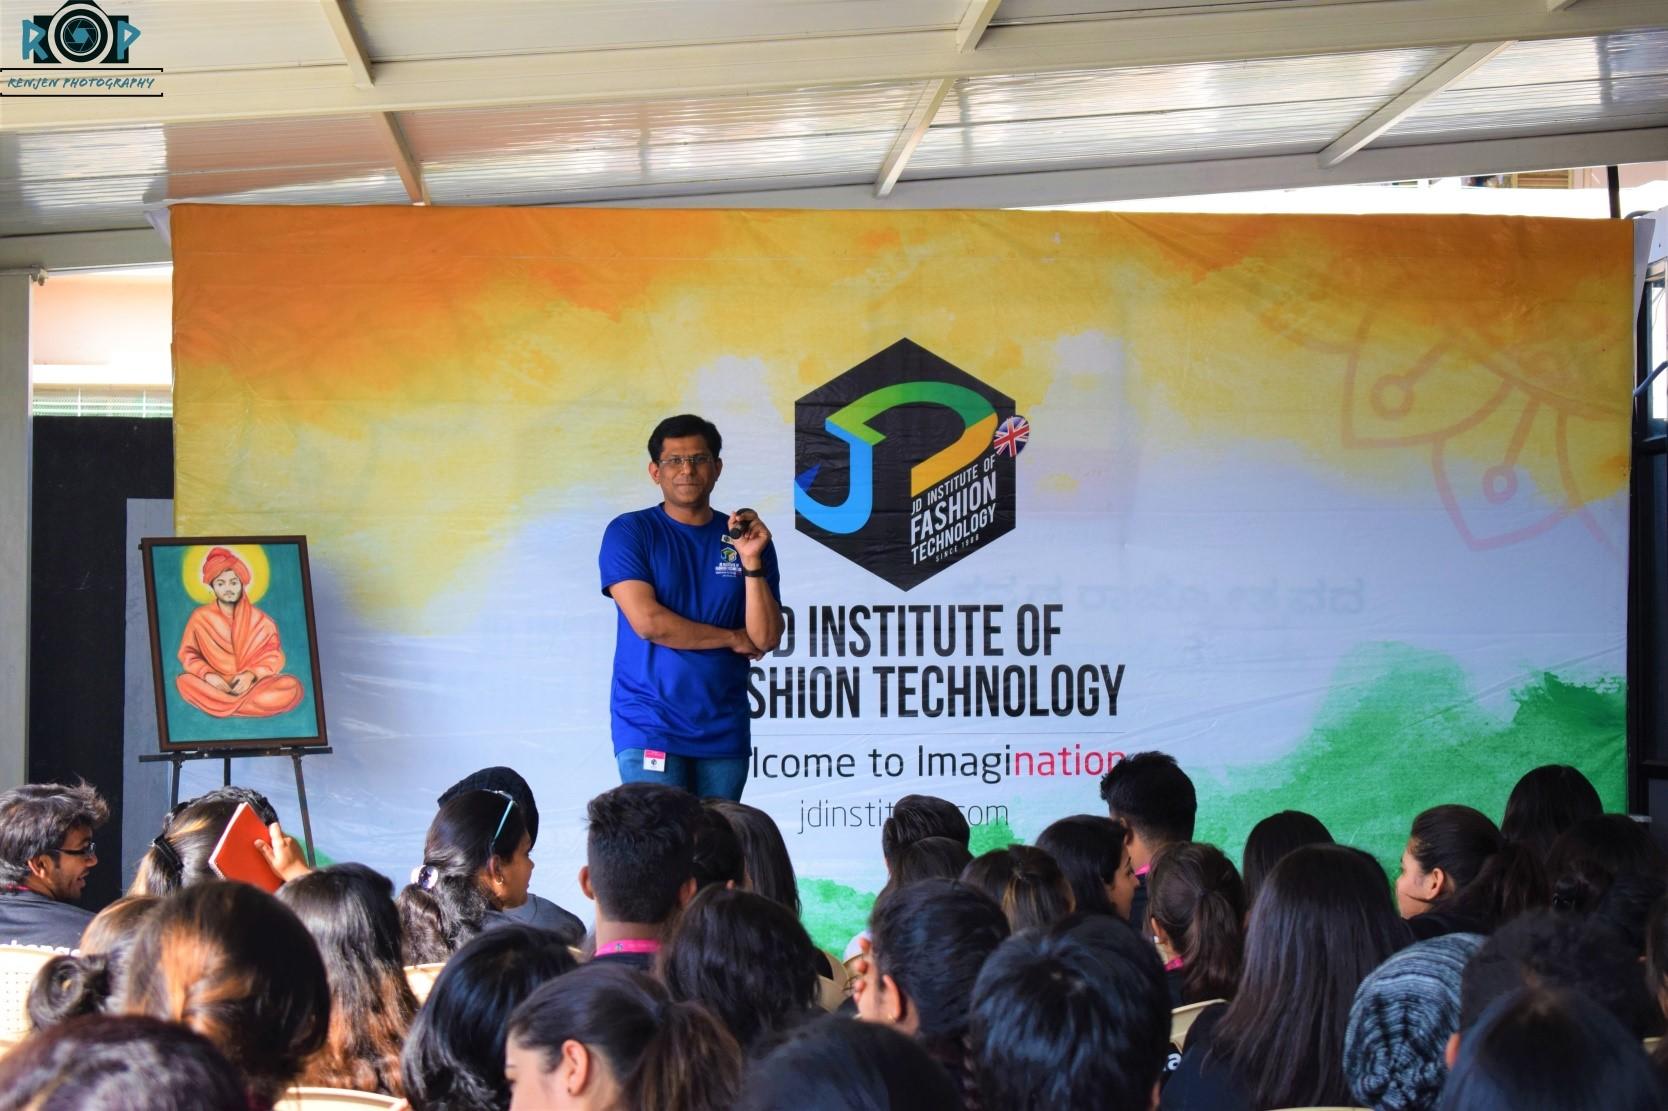 NATIONAL YOUTH DAY CELEBRATION national youth day at jd institute - 1 1 - National Youth Day at JD Institute, Bangalore